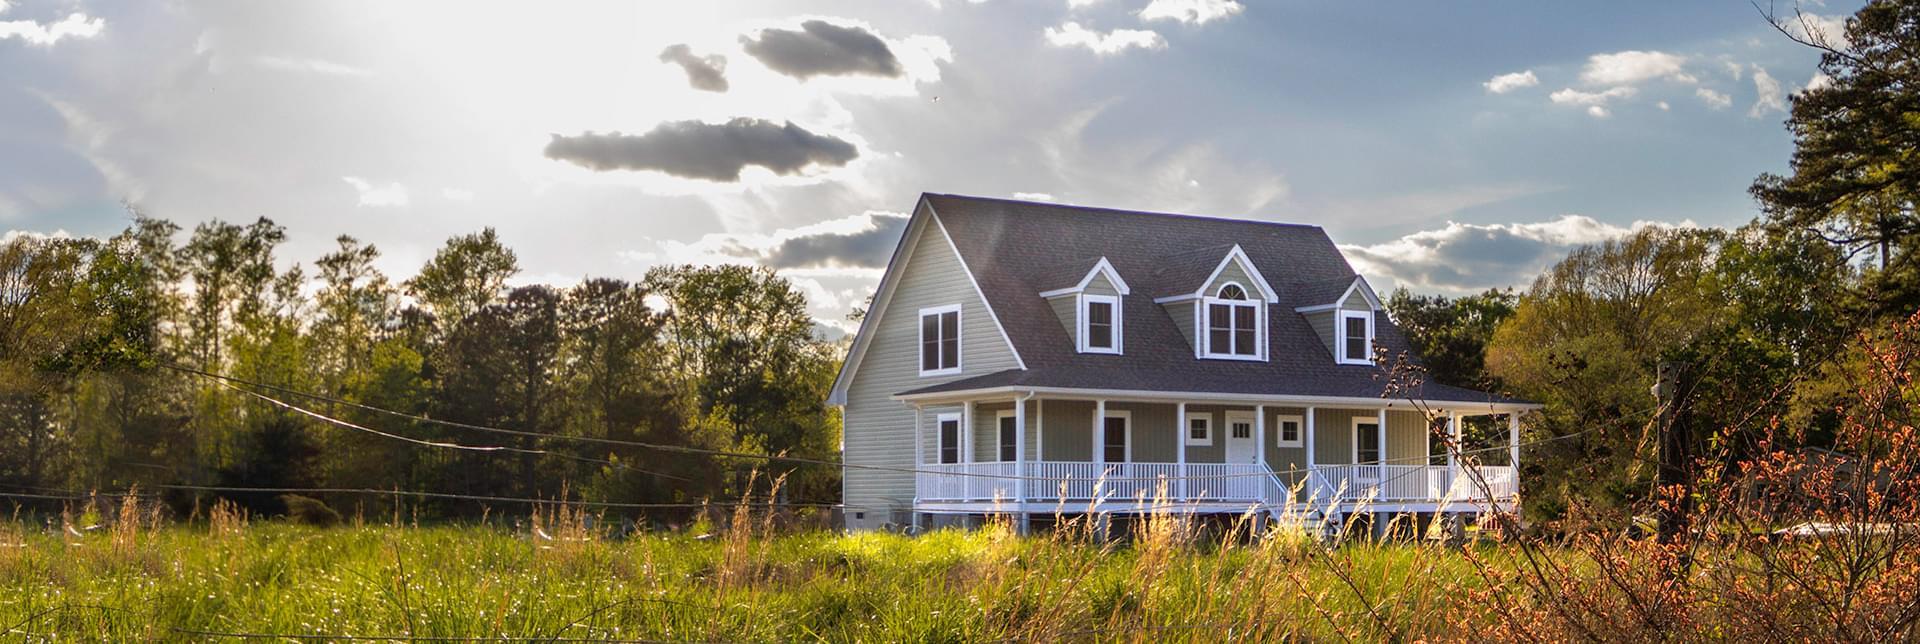 New Homes in Arlington County VA